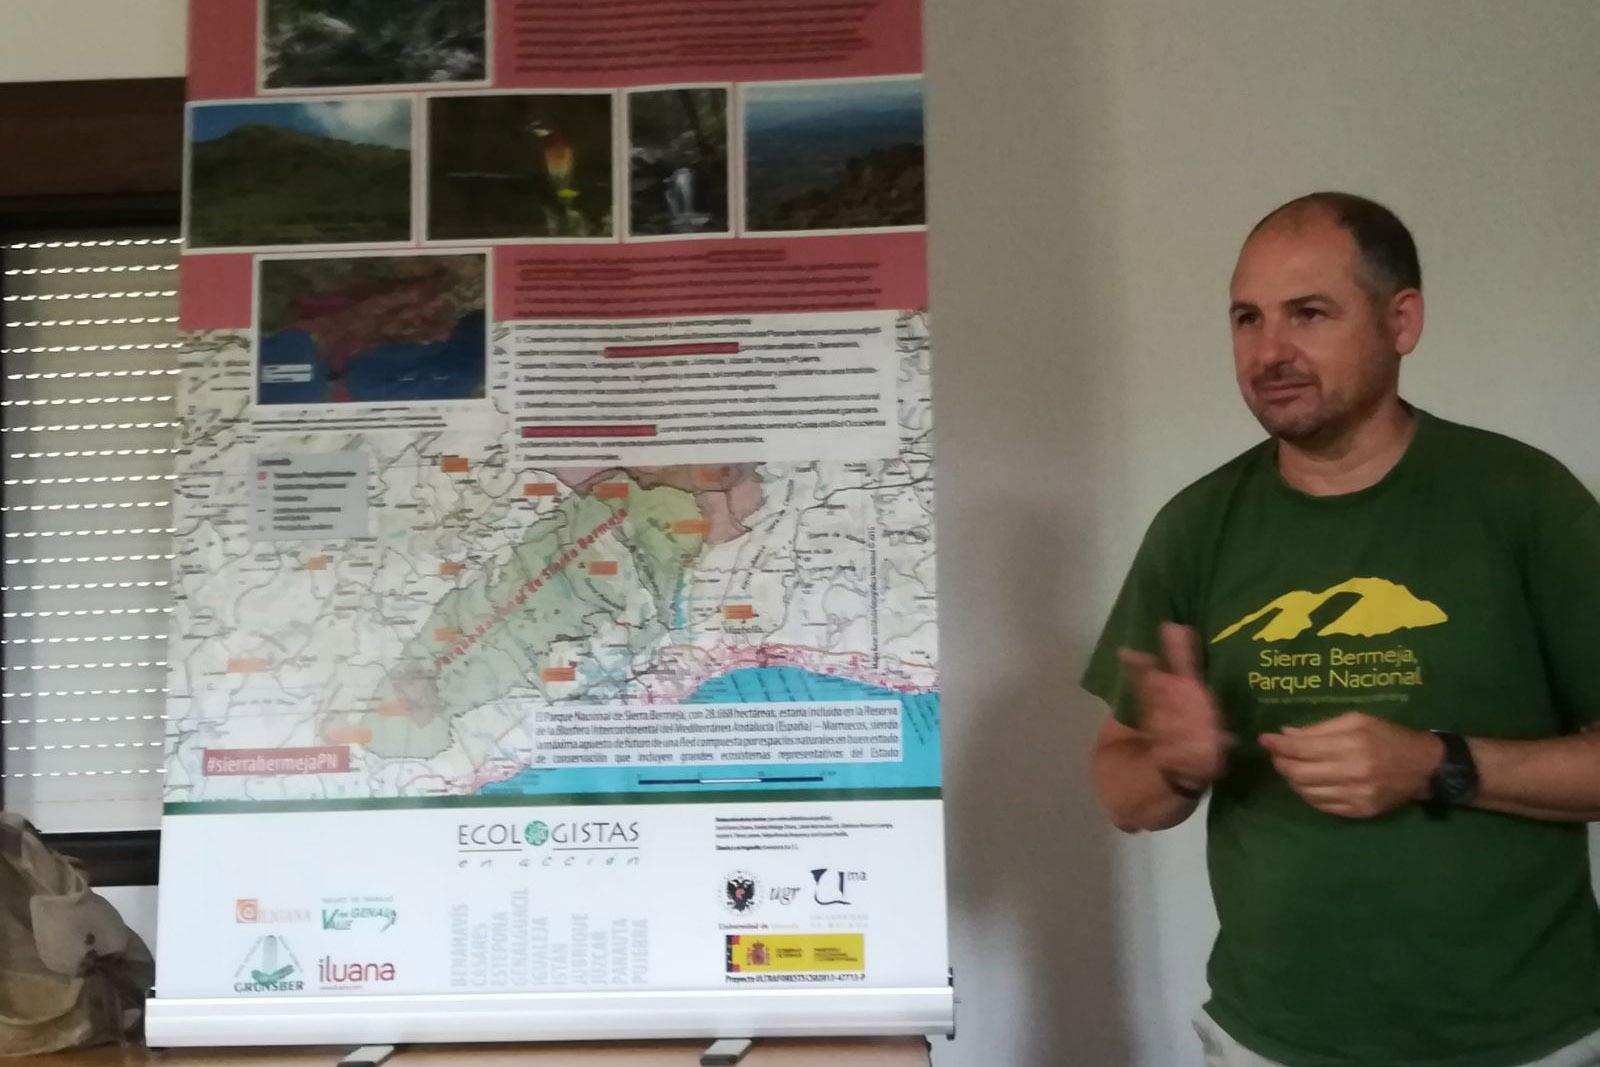 Jornadas sobre Parques Nacionales en la EOT